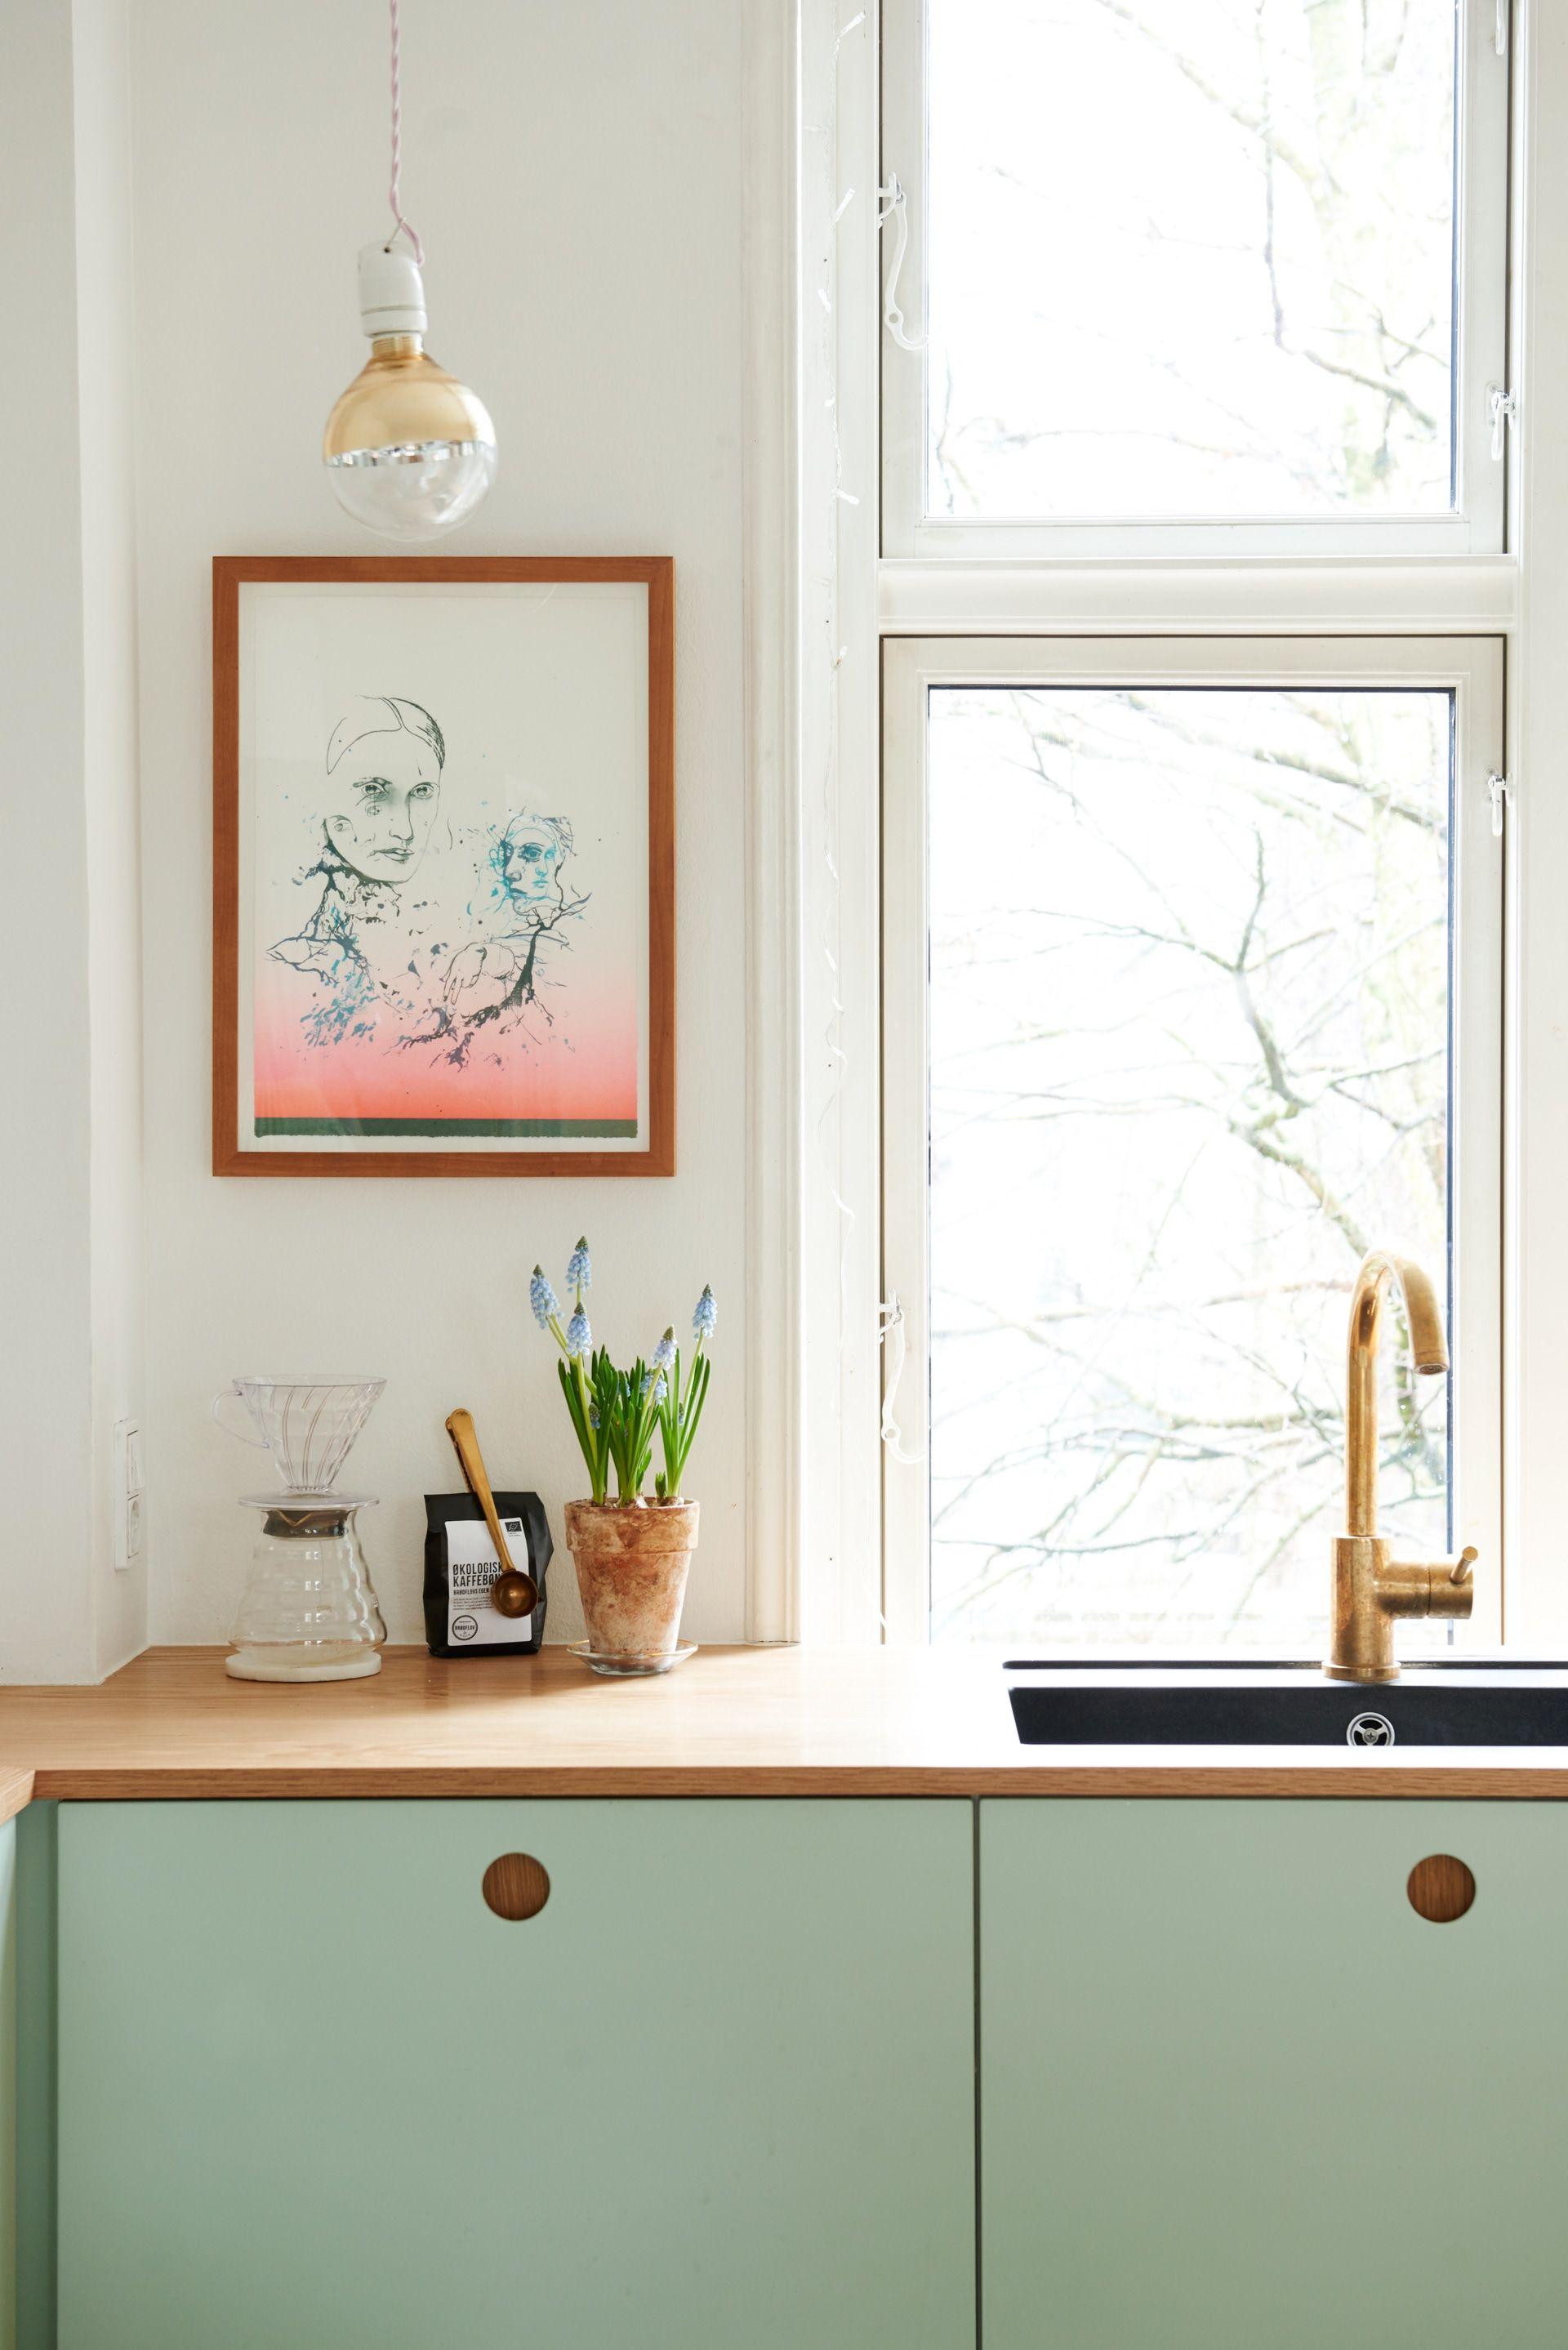 Inspiration Frederiksberg Danemark Mit Bildern Grune Kuchenschranke Grune Schranke Ikea Kuchenideen